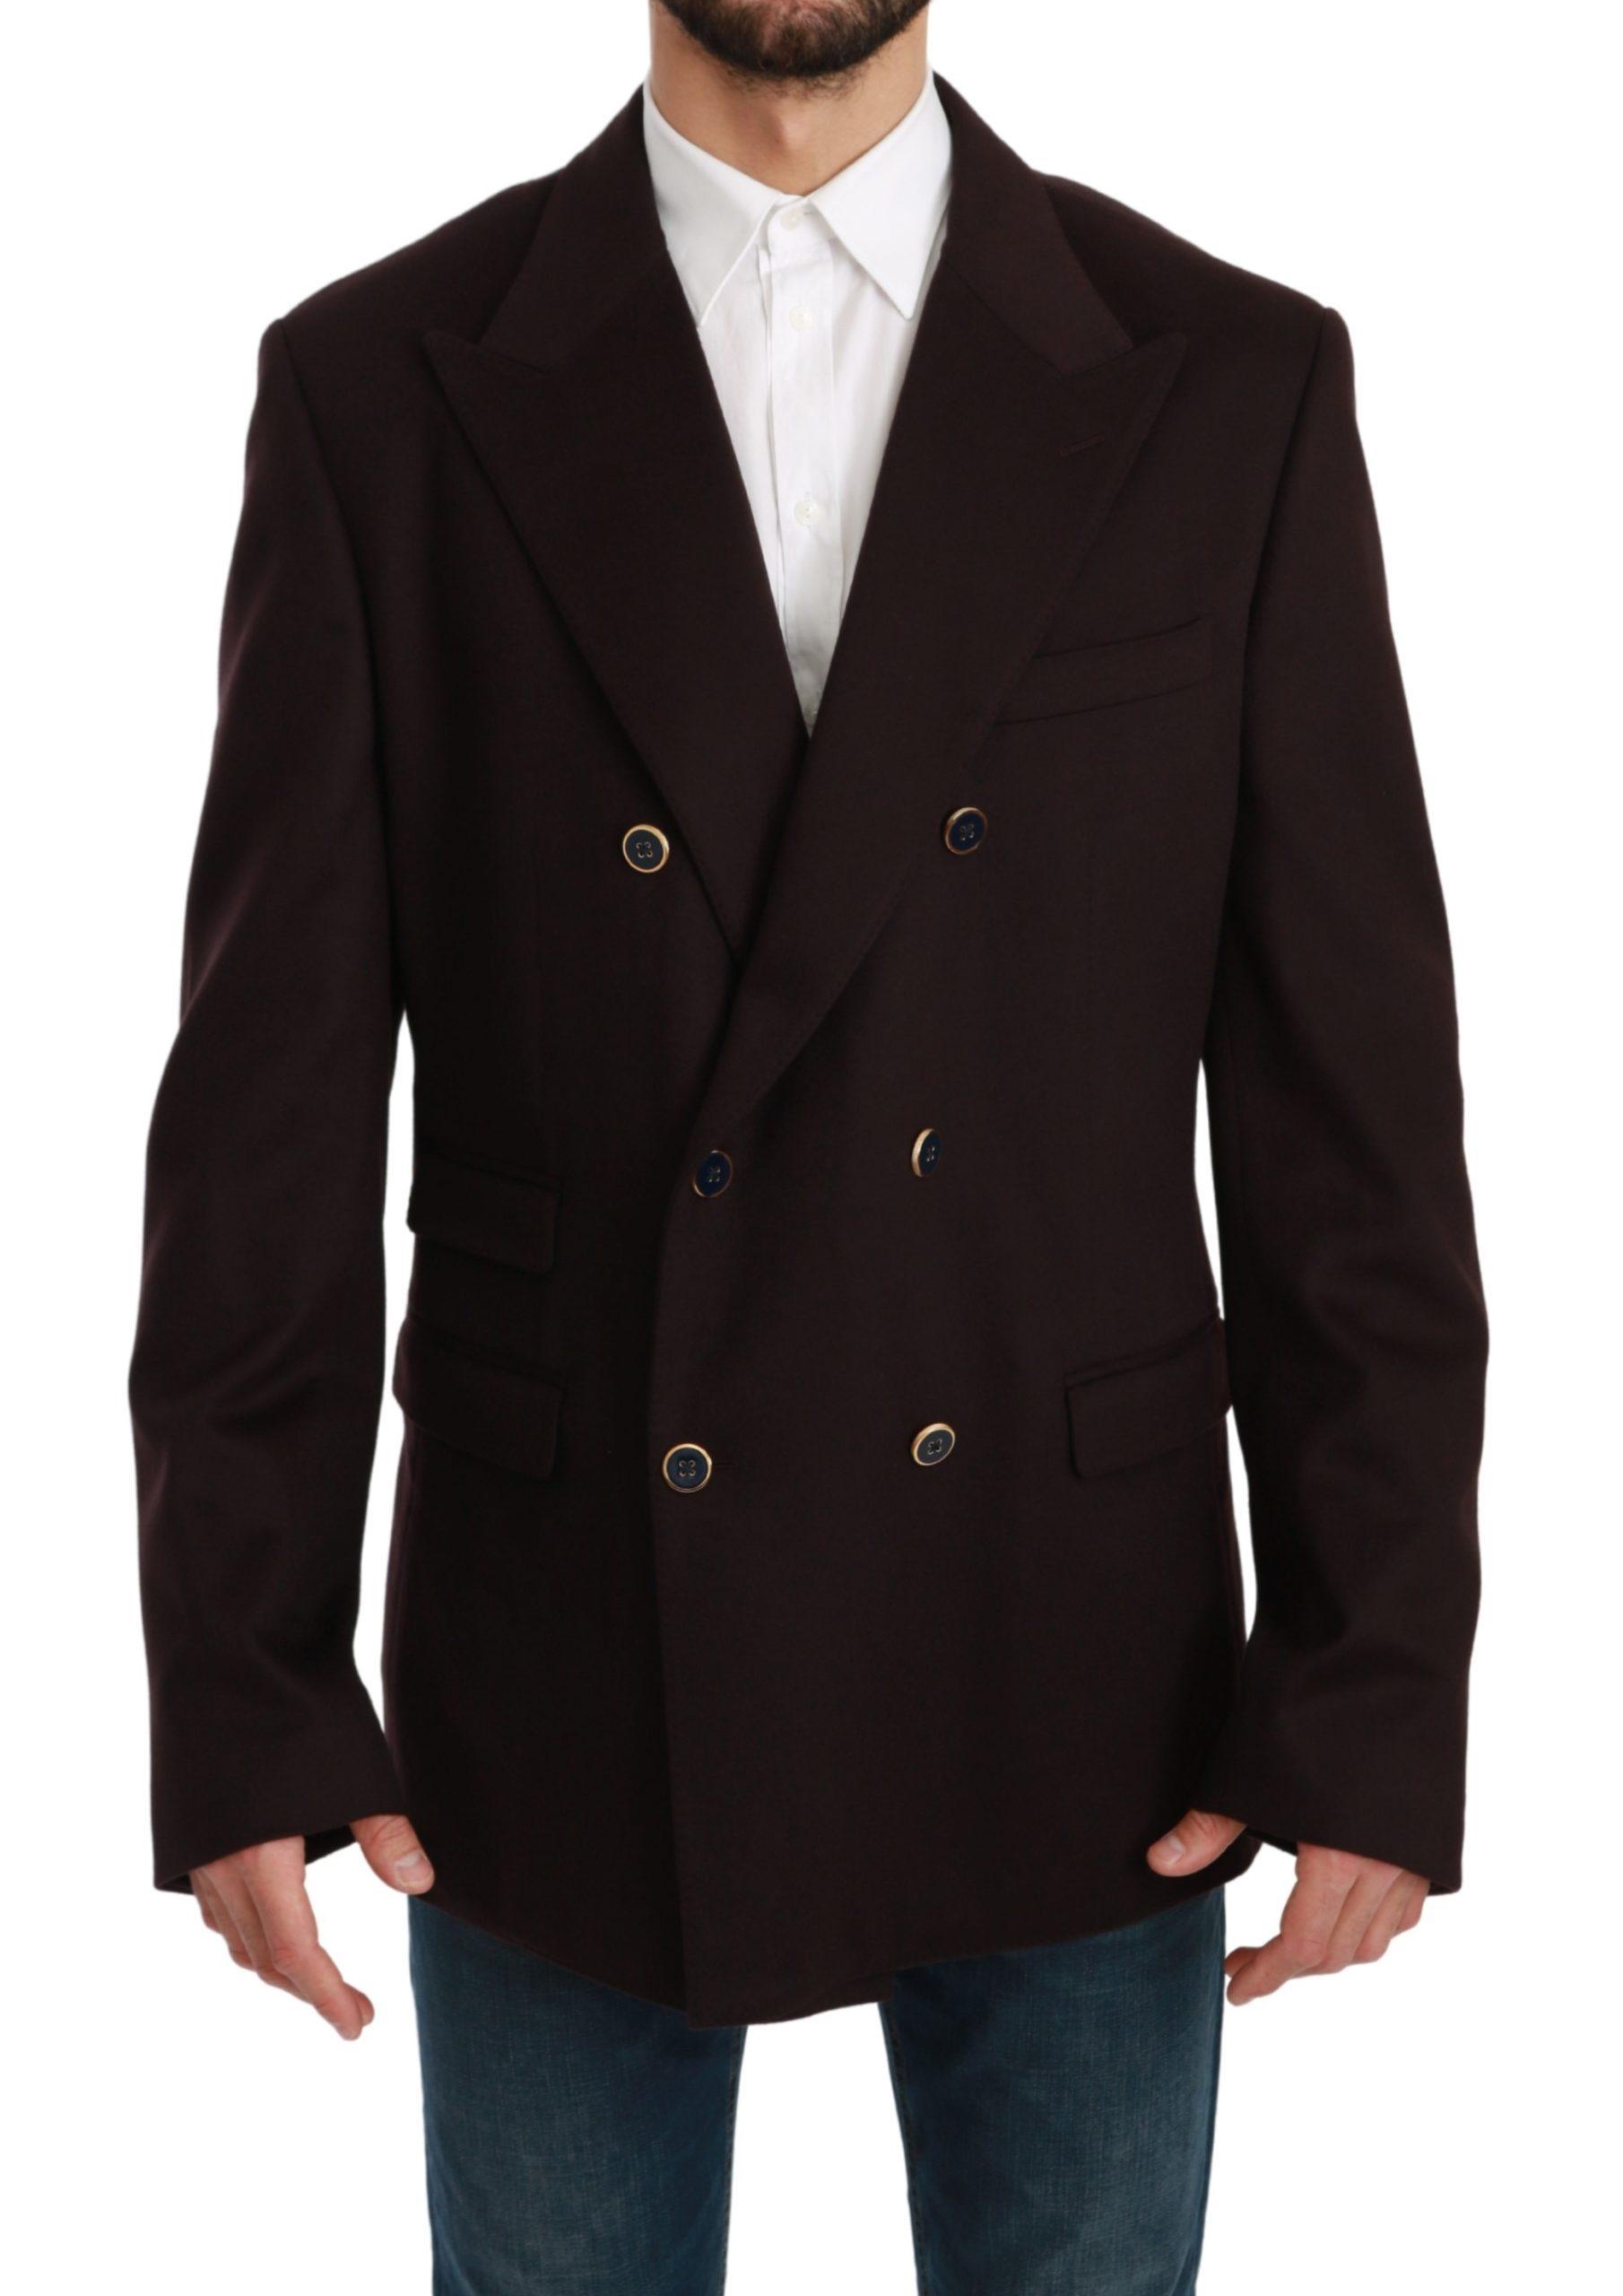 Dolce & Gabbana Men's Cashmere Coat TAORMINA Blazer Bordeaux KOS1722 - IT56 | XXL